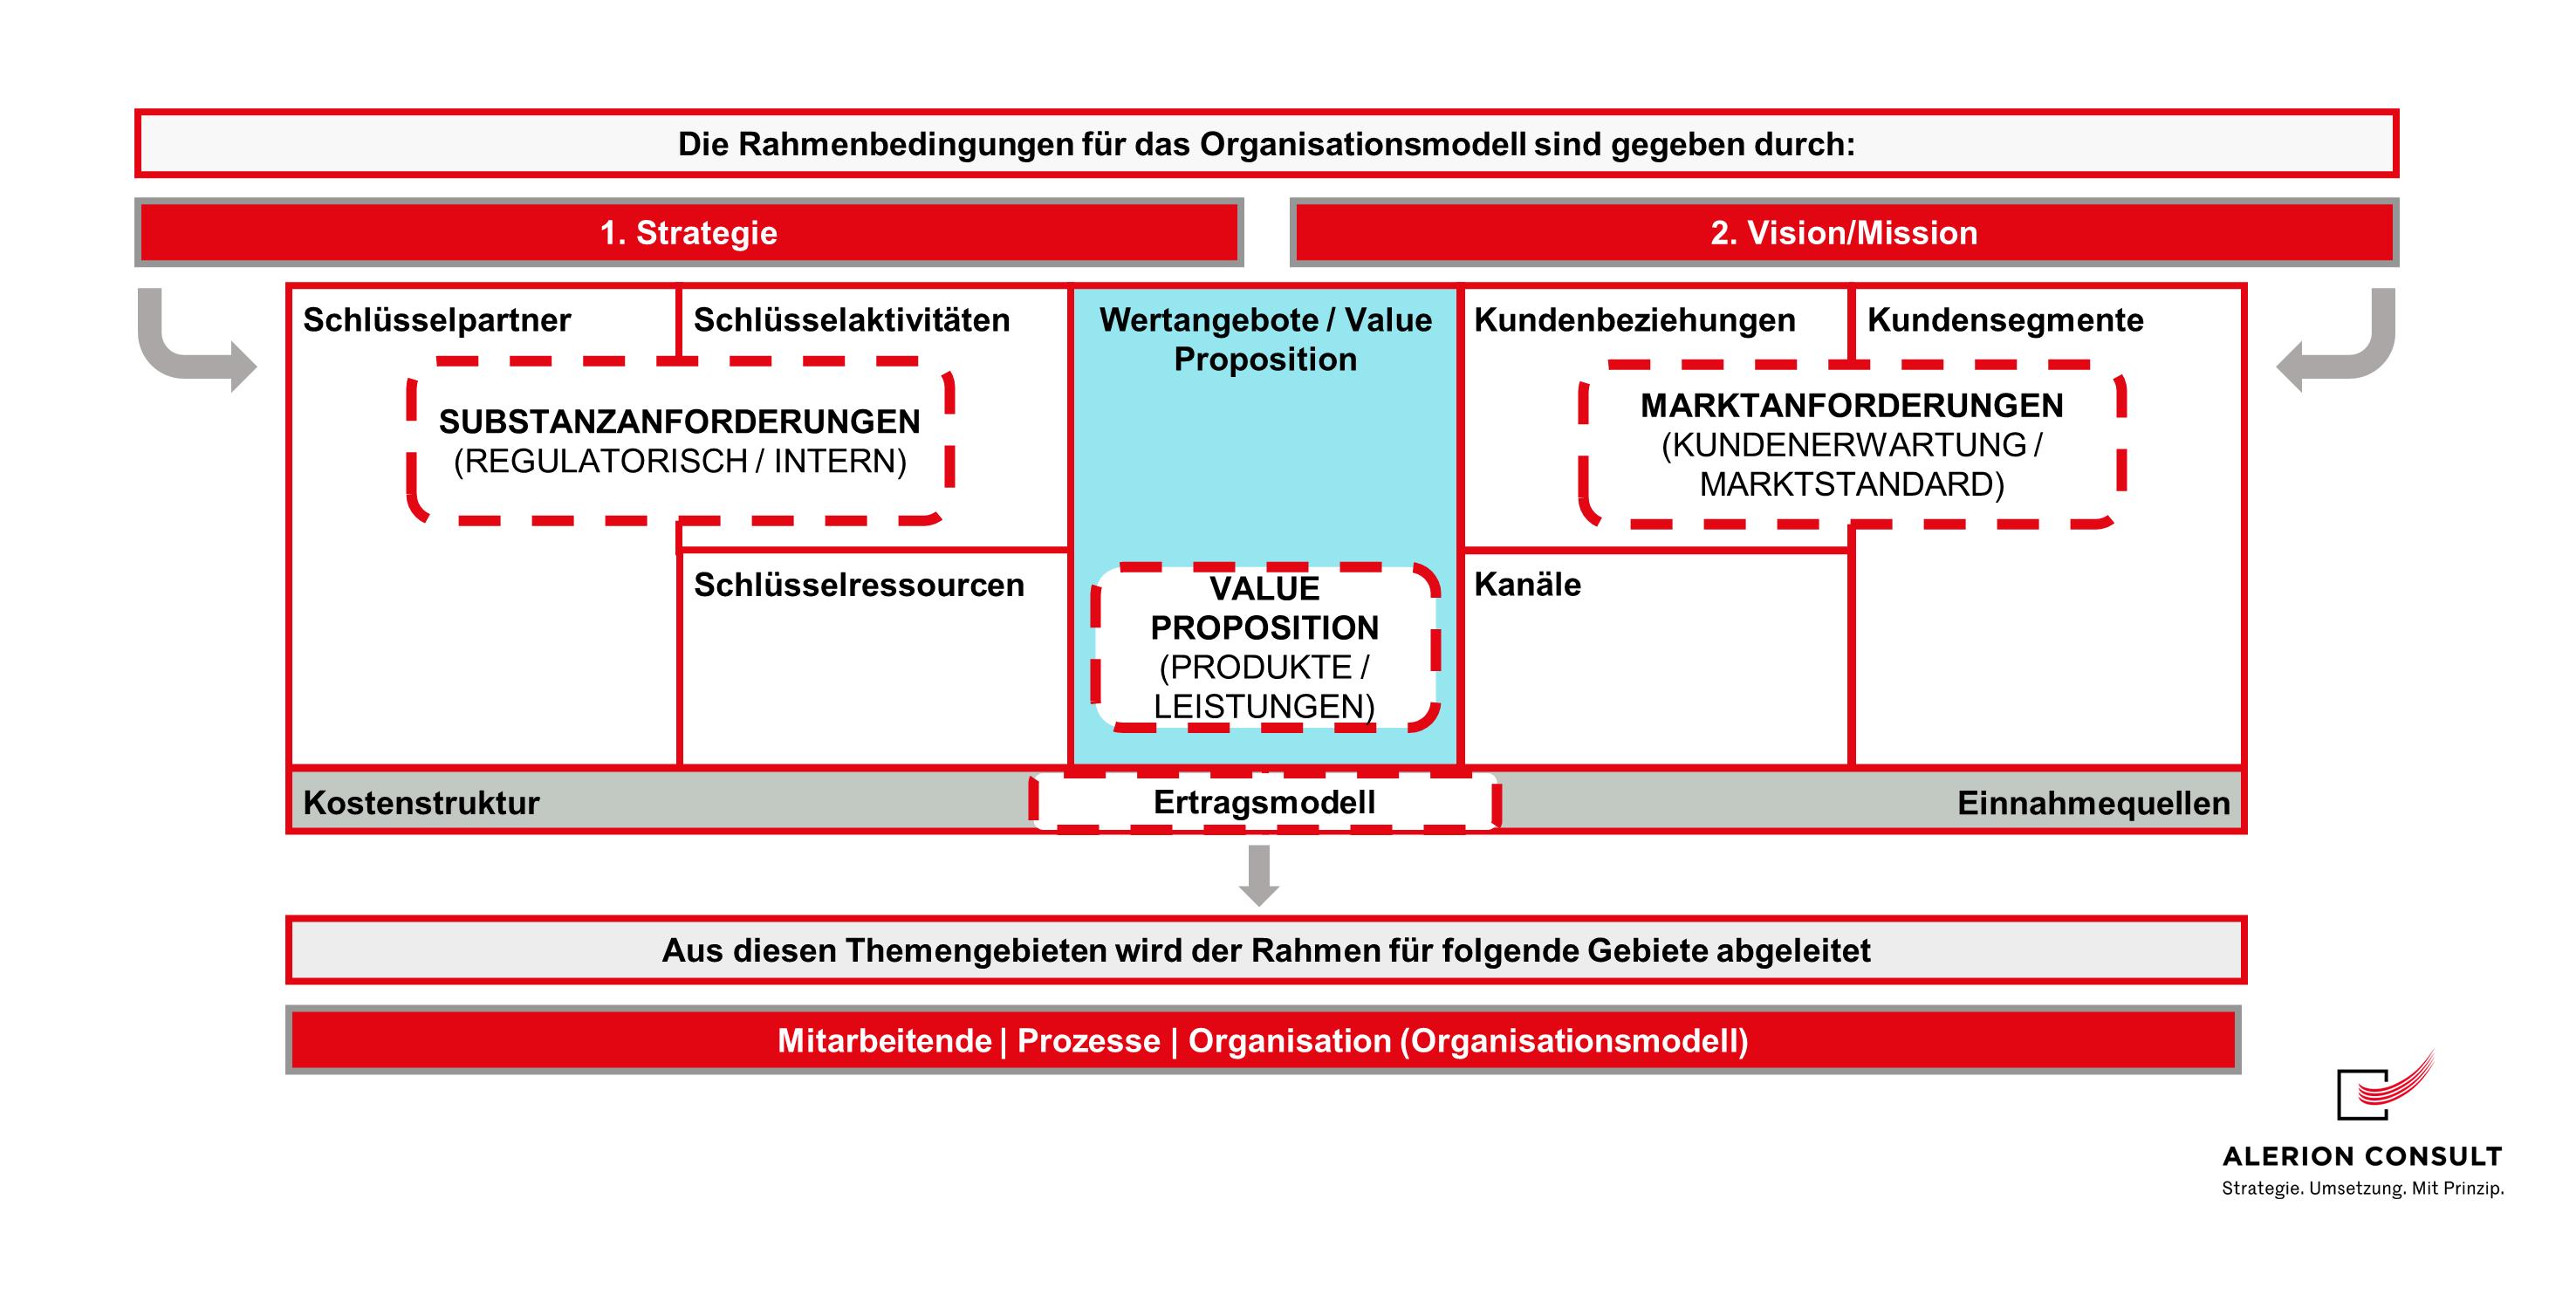 Organisationsmodell